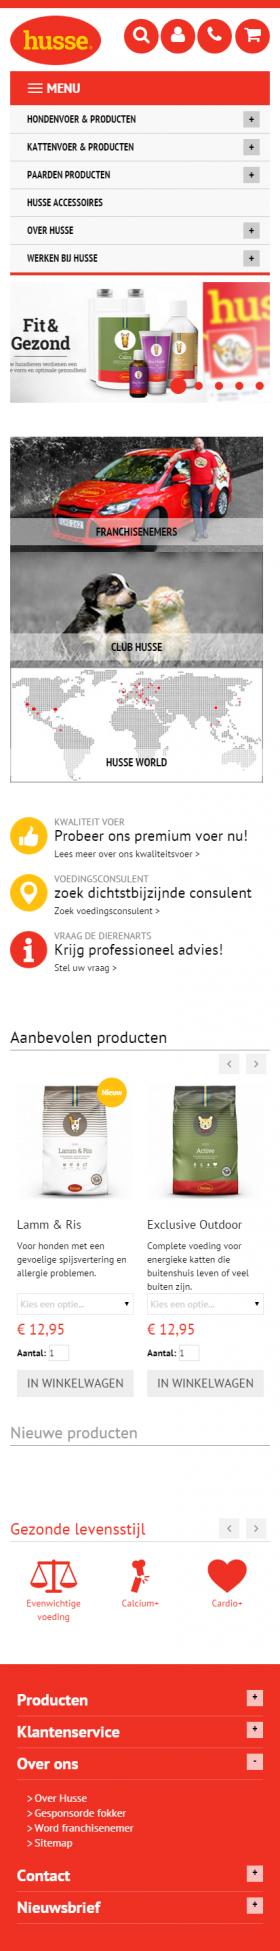 FireShot Capture 16 - Home page I Husse Nederland - http___www.husse.nl_